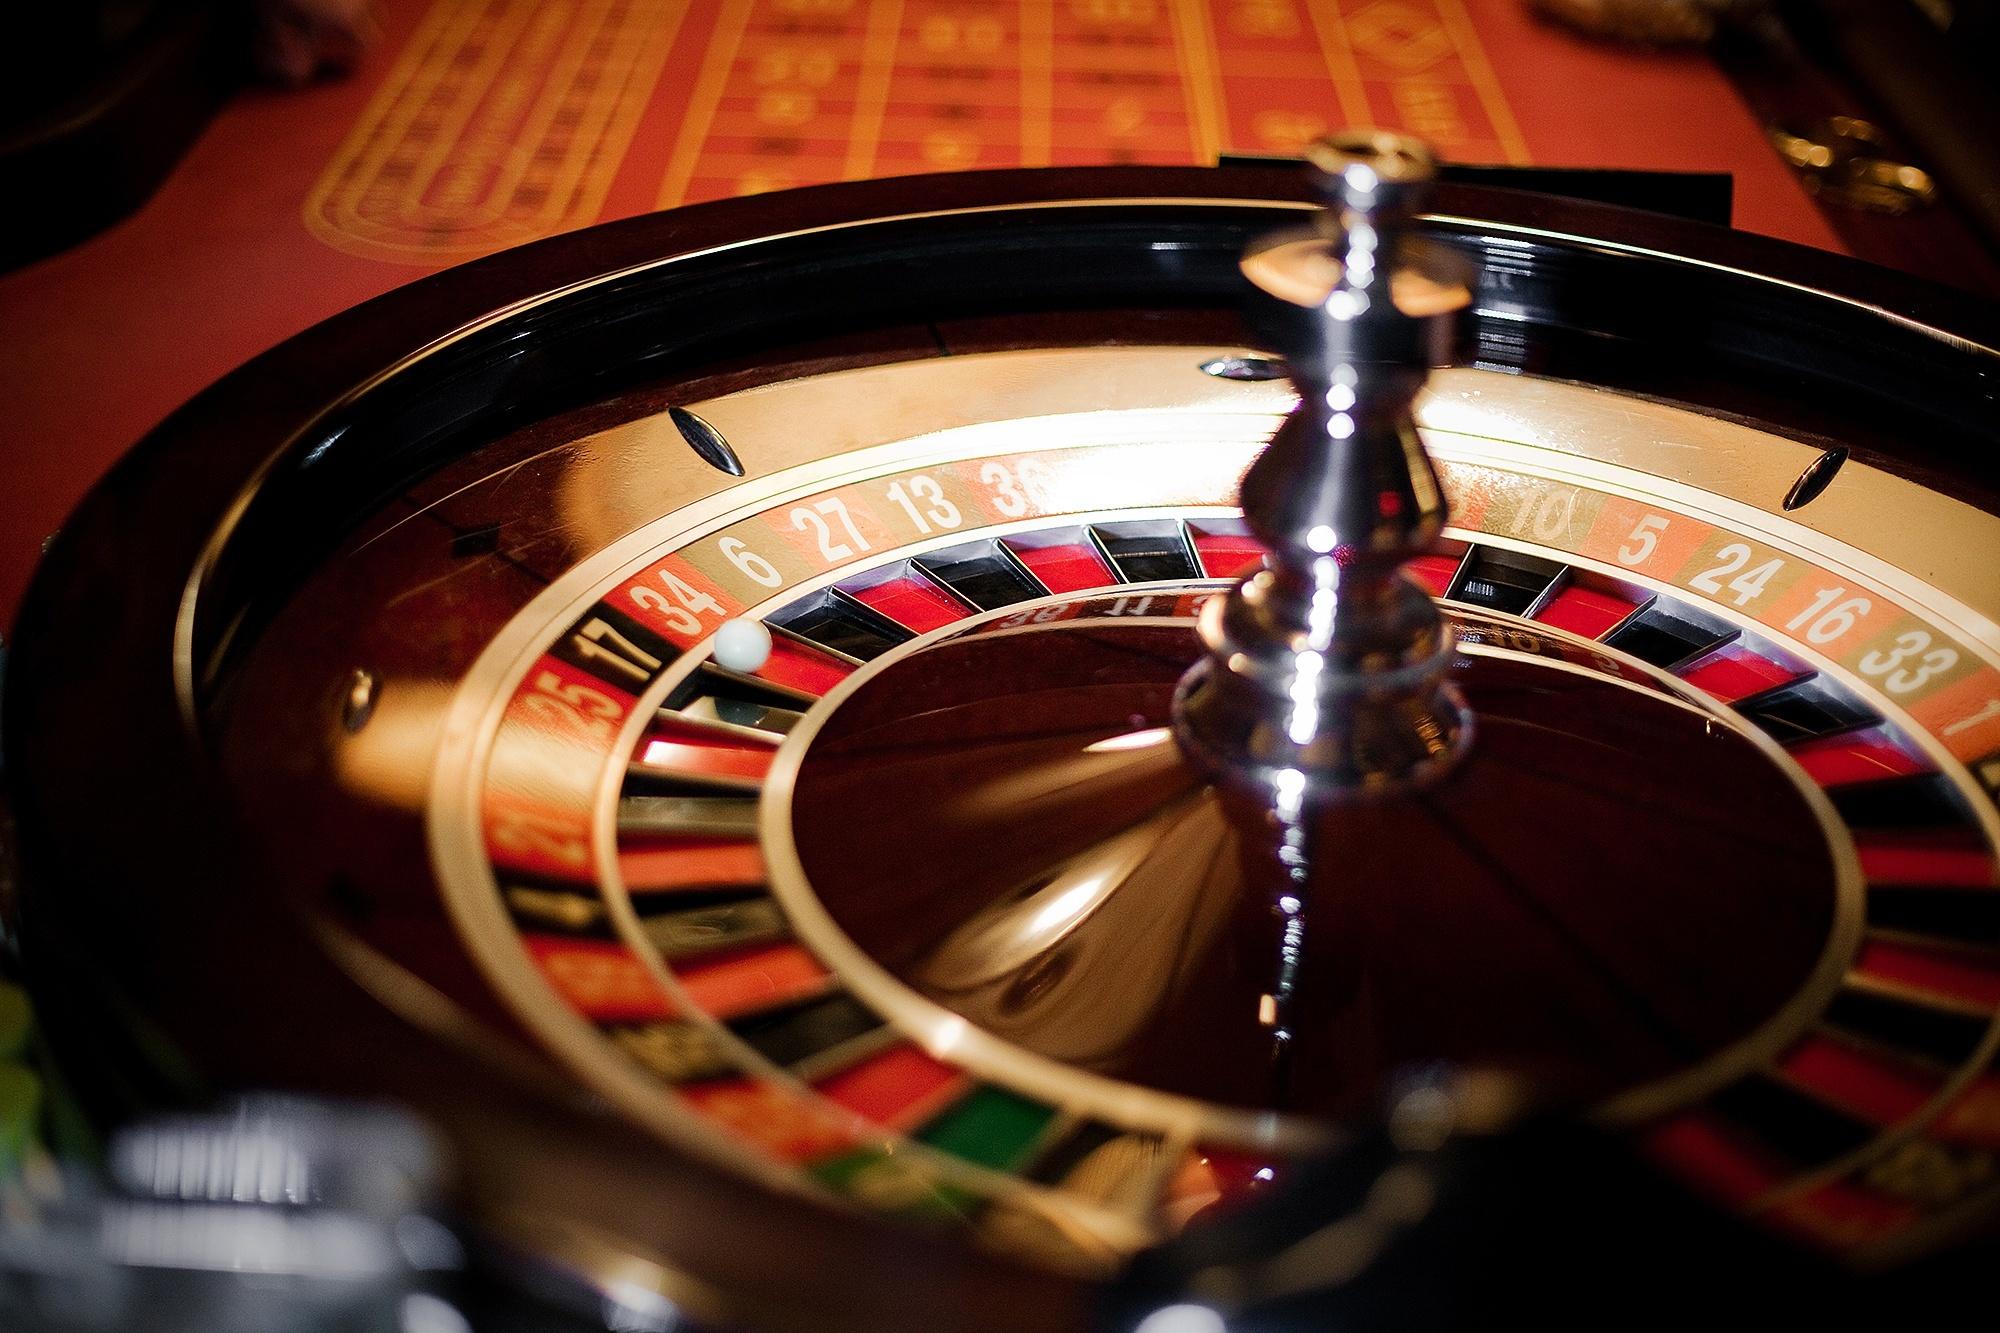 Казино драйв бесплатно без регистрации играть музыка из кухни в казино 3 сезон 9 серия dupstep